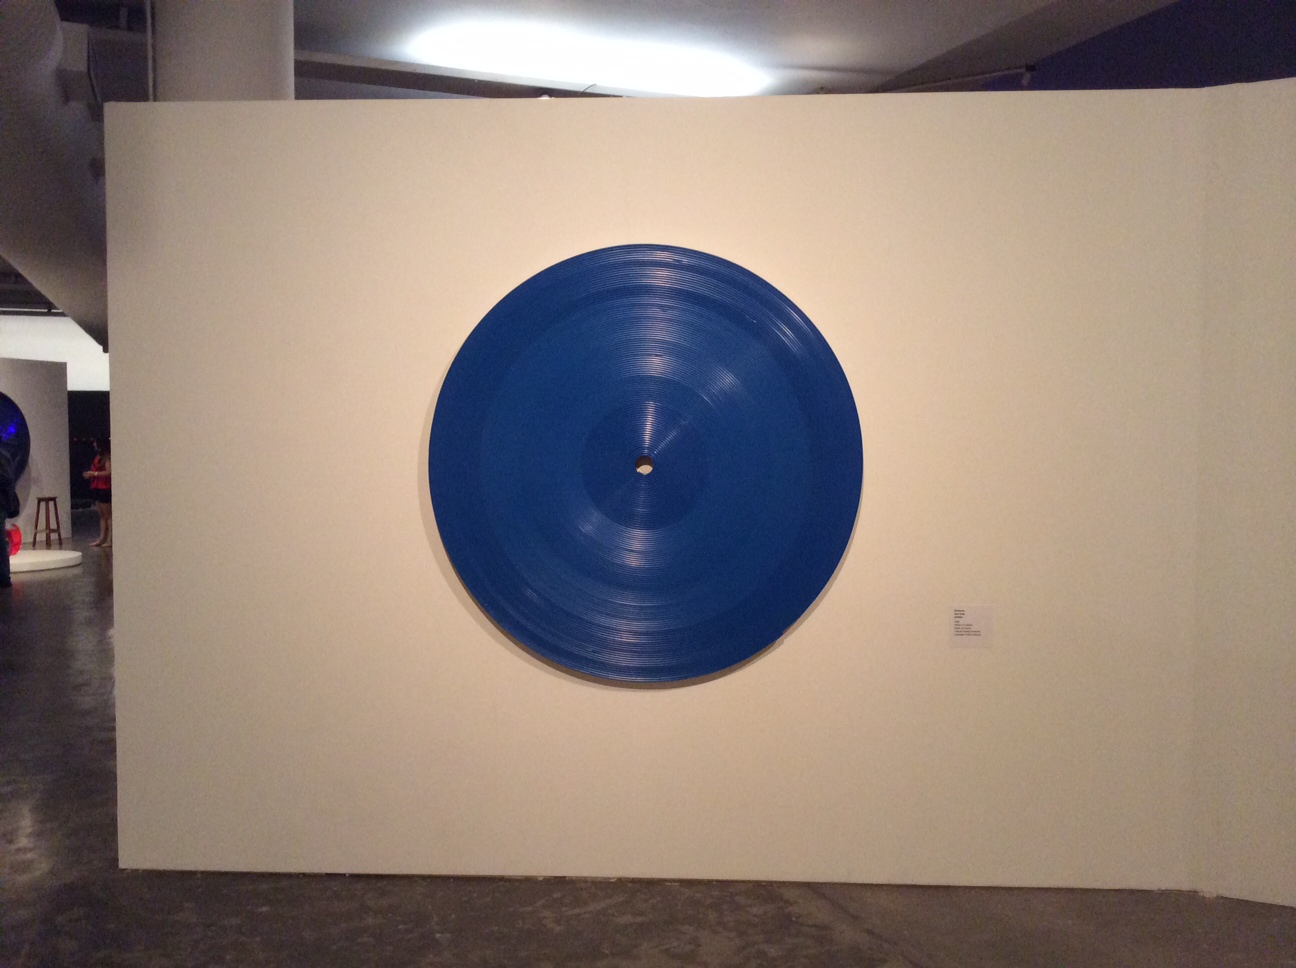 SCHWANKE  Sem título, 1989  Plástico e madeira  Coleção Família Schwanke